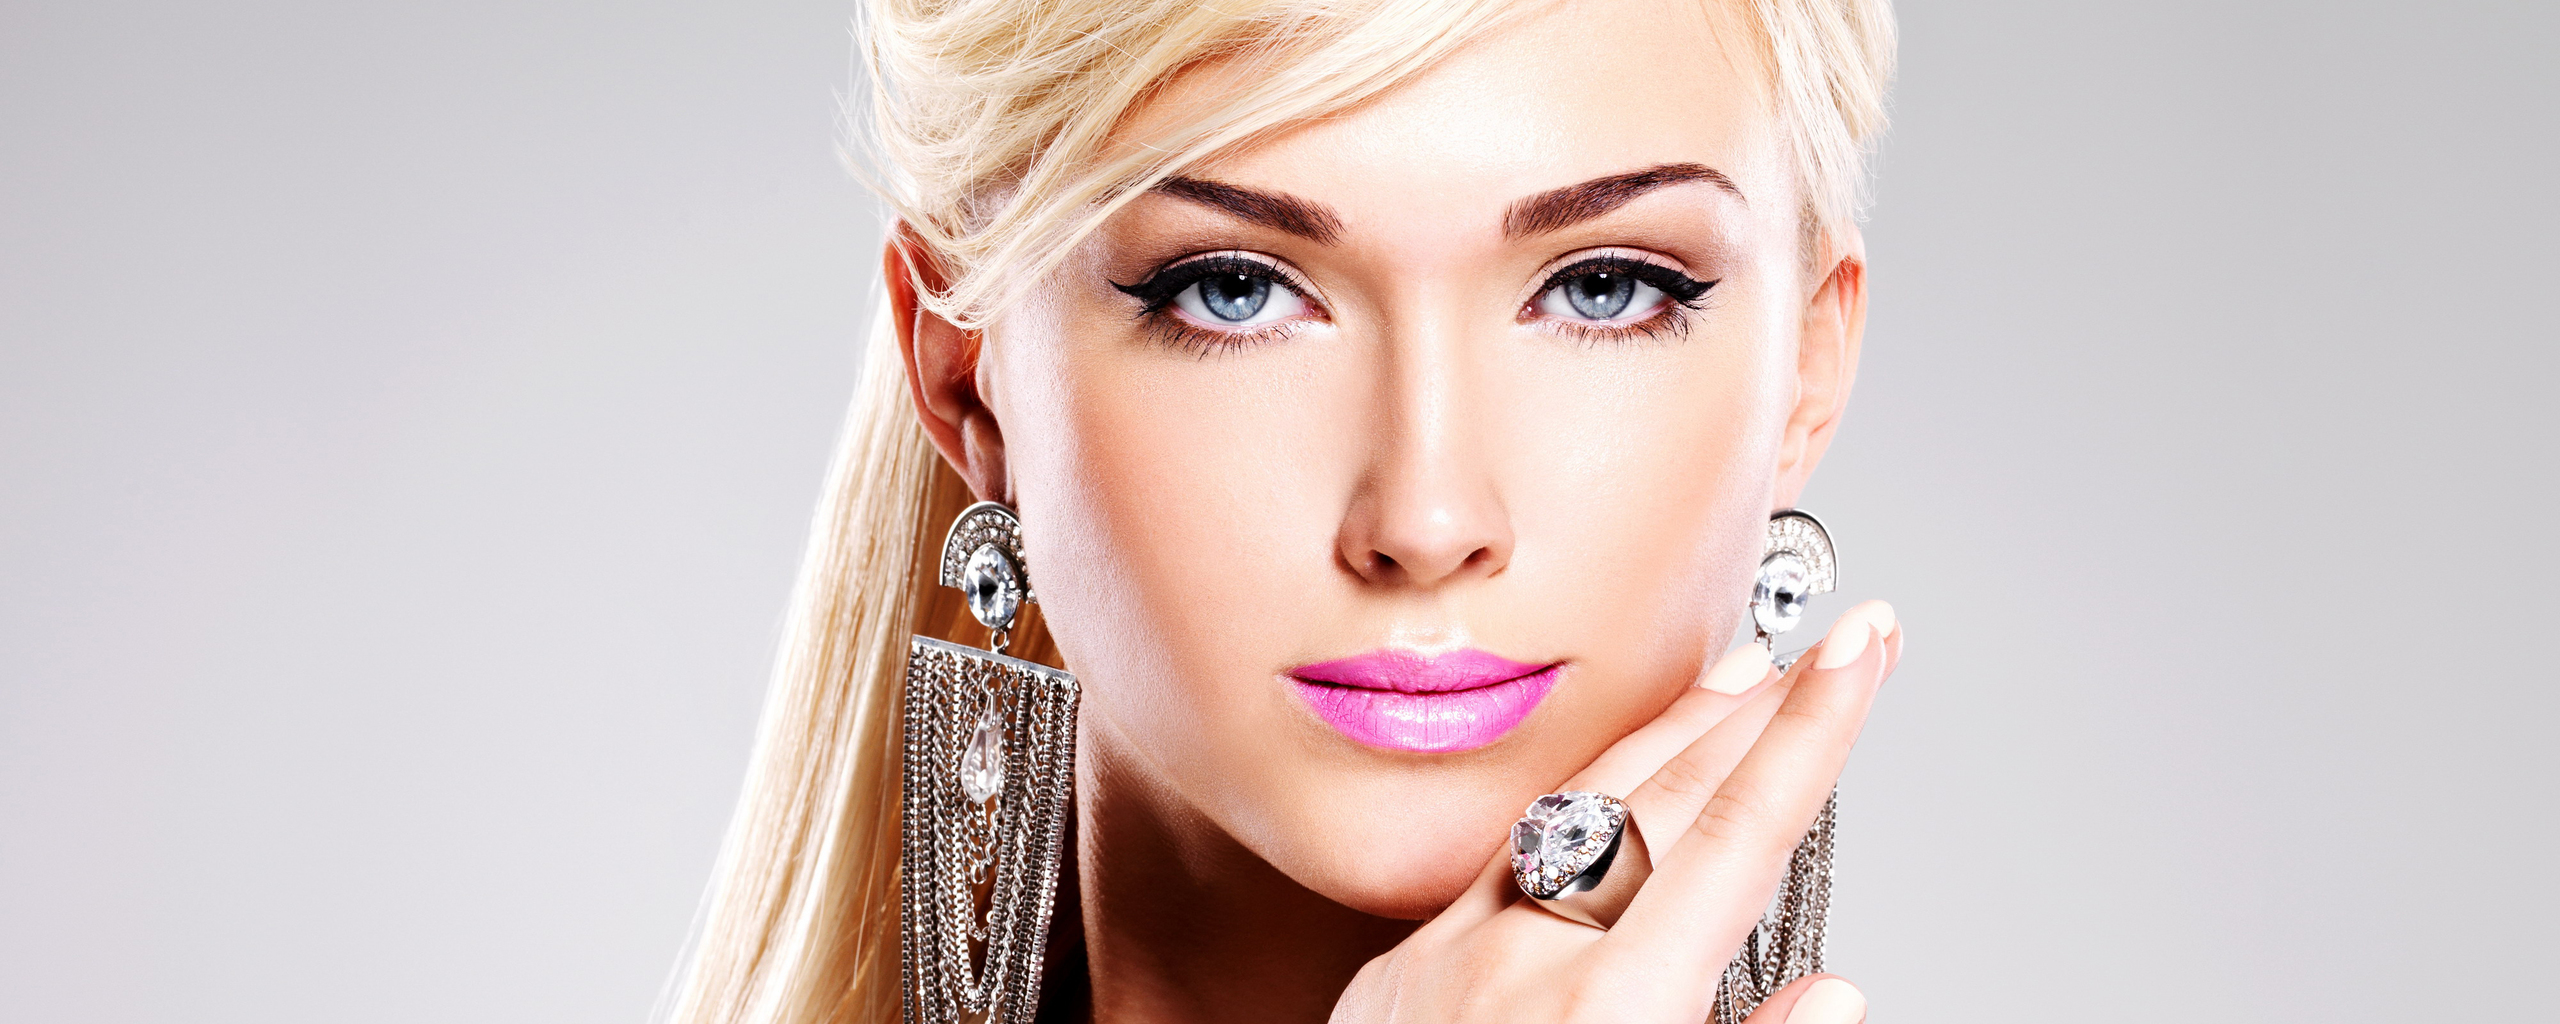 blonde-blue-eyes-5k-8u.jpg